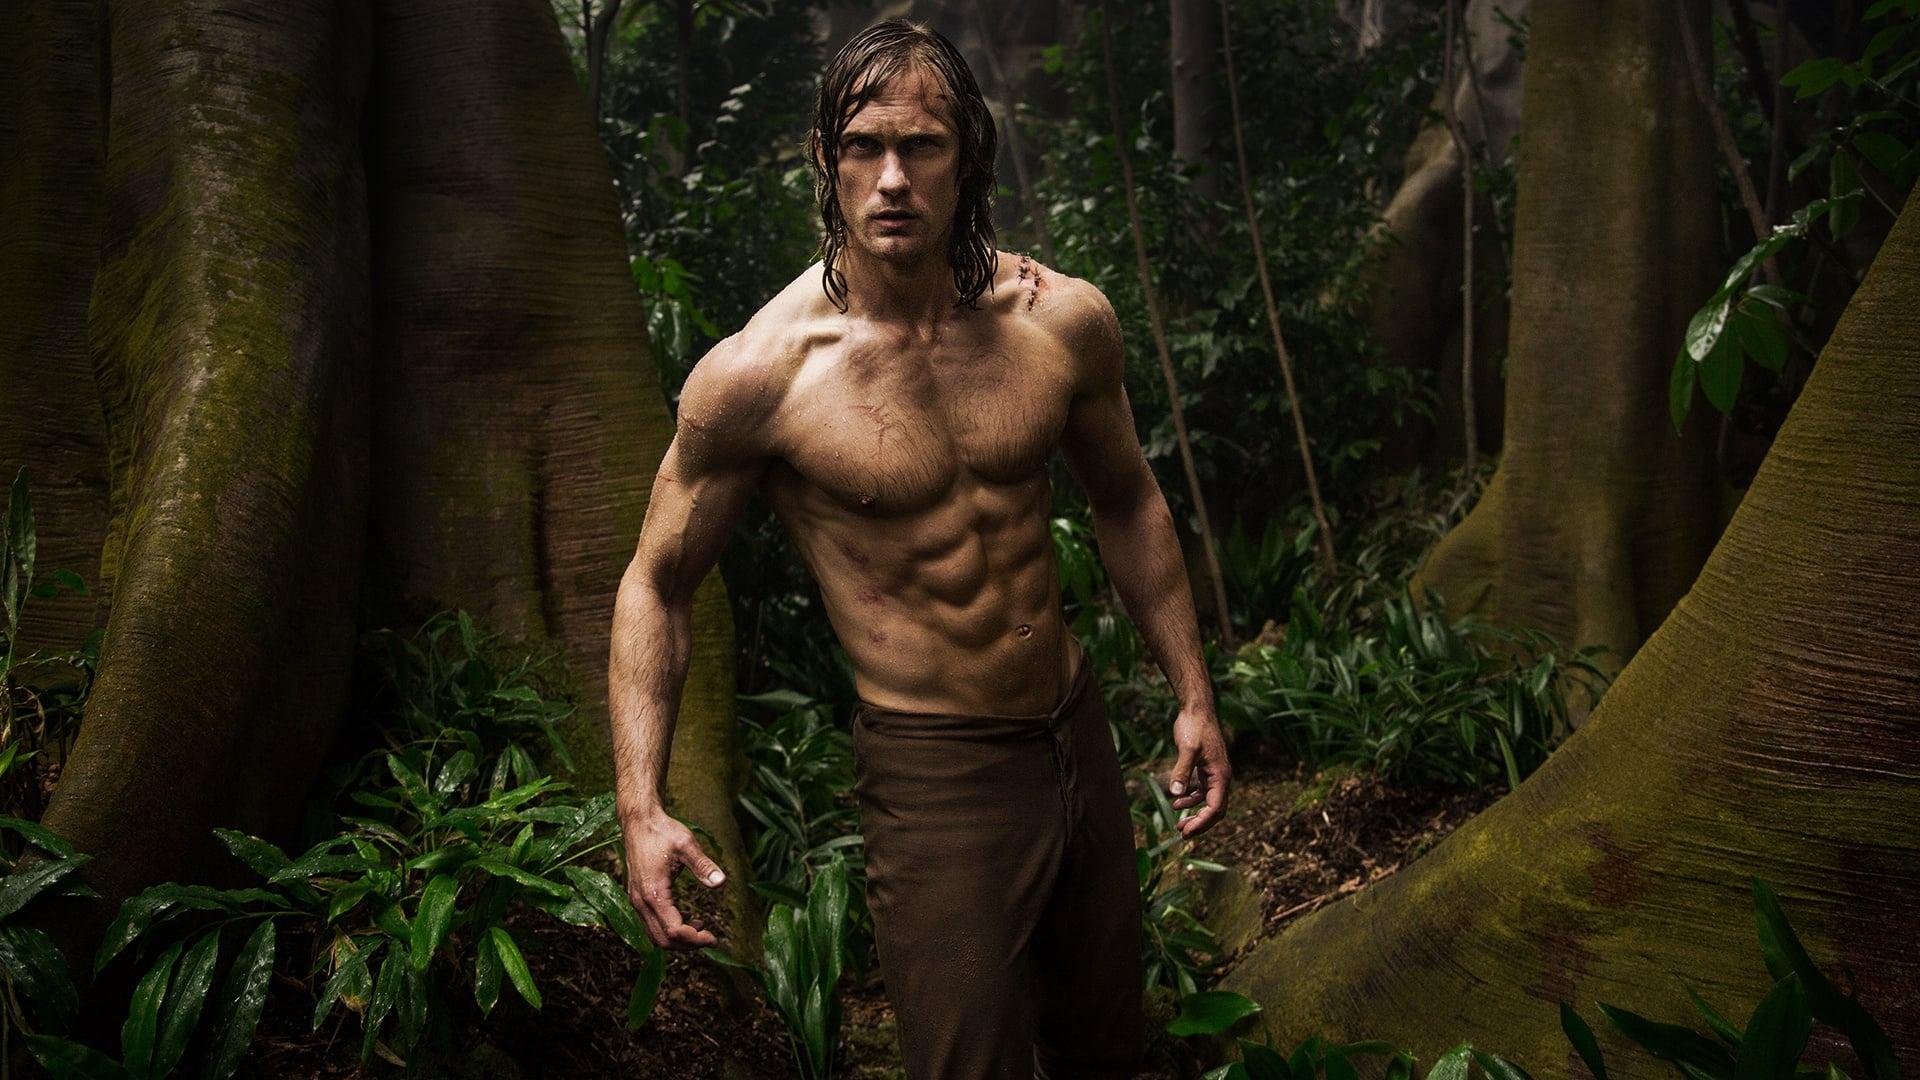 The Legend Of Tarzan Legenda Lui Tarzan 2016 Film Online Subtitrat în Română Vezi Online Eu ᴴᴰ Mediarpl